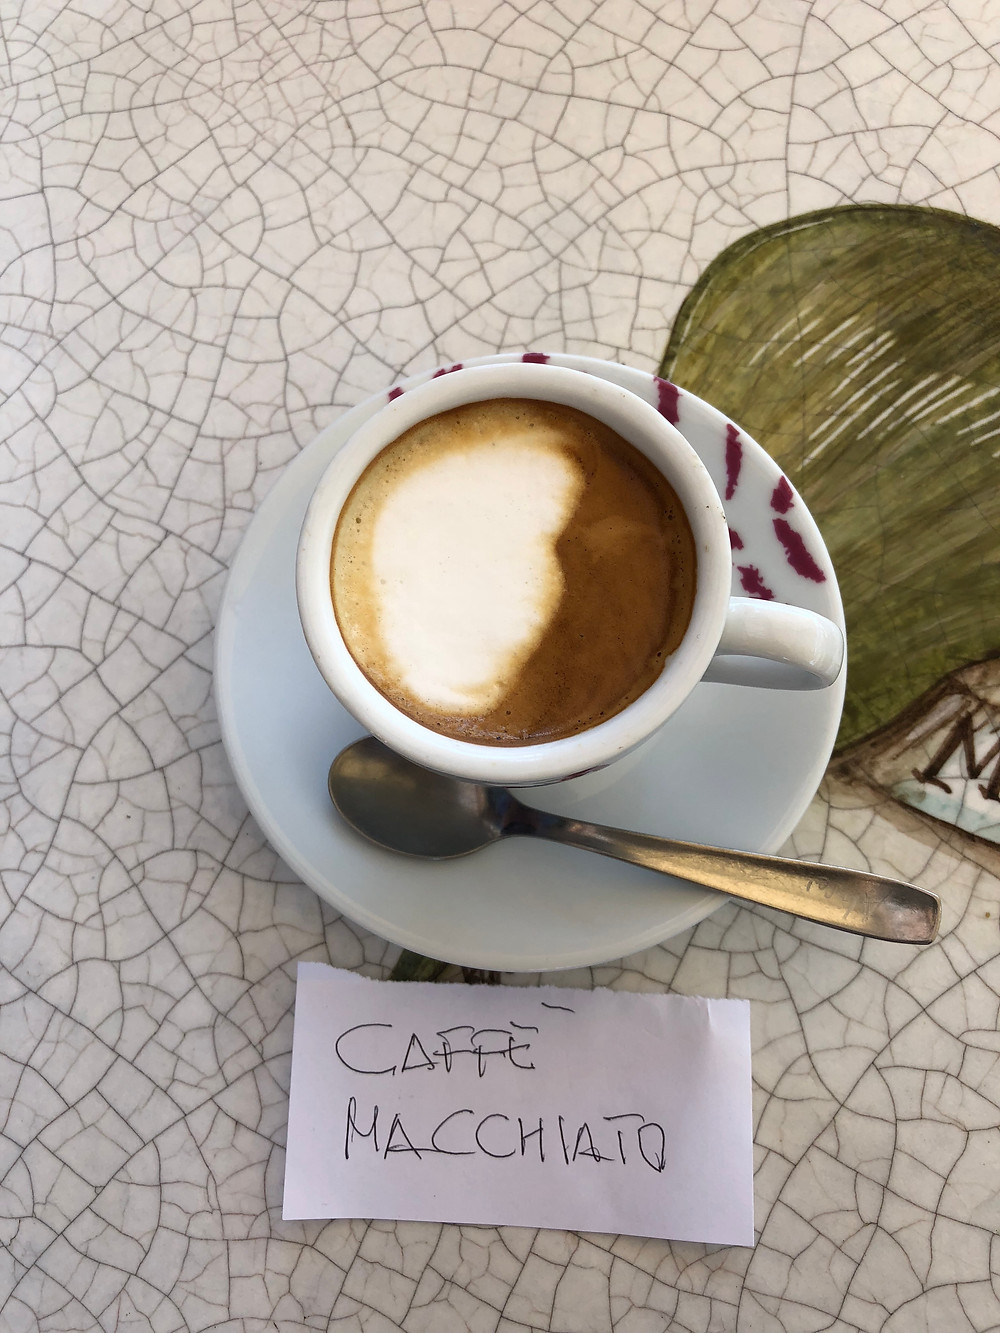 Caffe' Macchiato